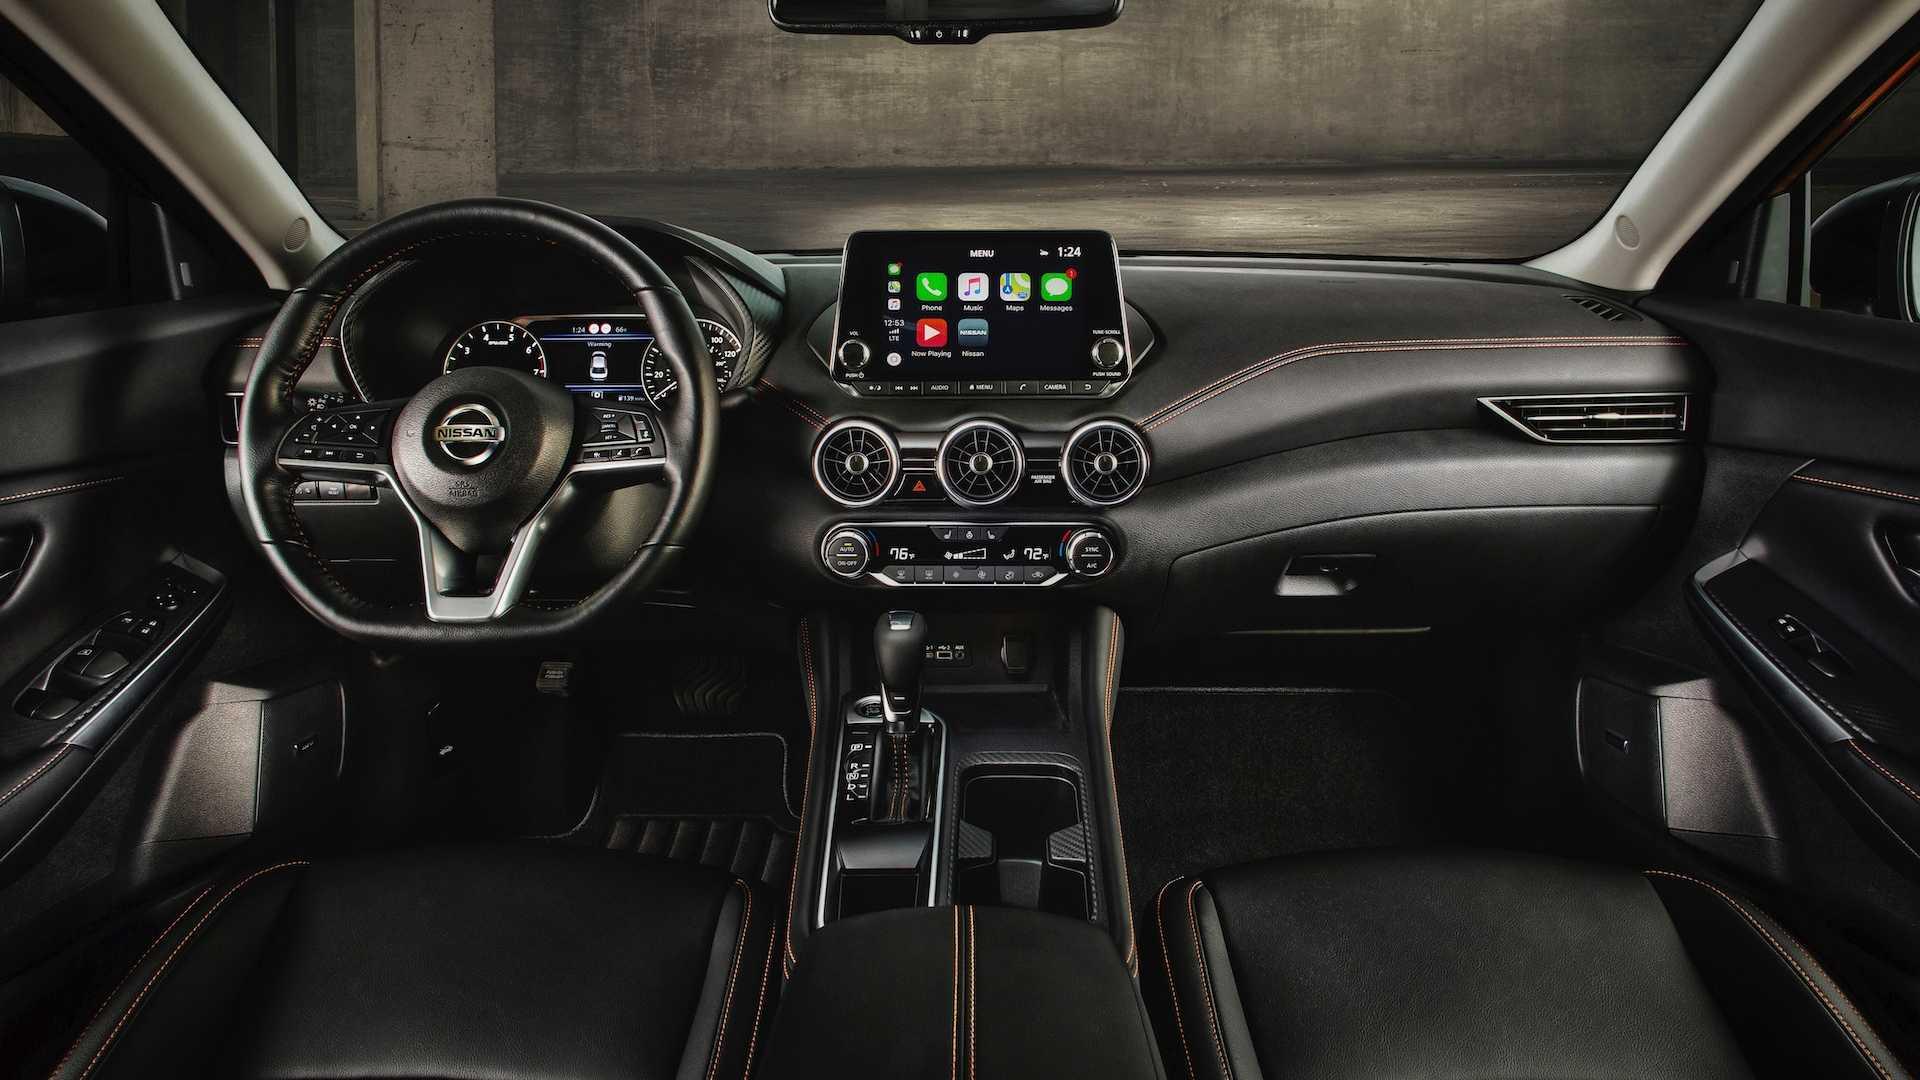 Nissan Sentra thế hệ mới đối đầu trực tiếp với Honda Civic hay Mazda3 - 6